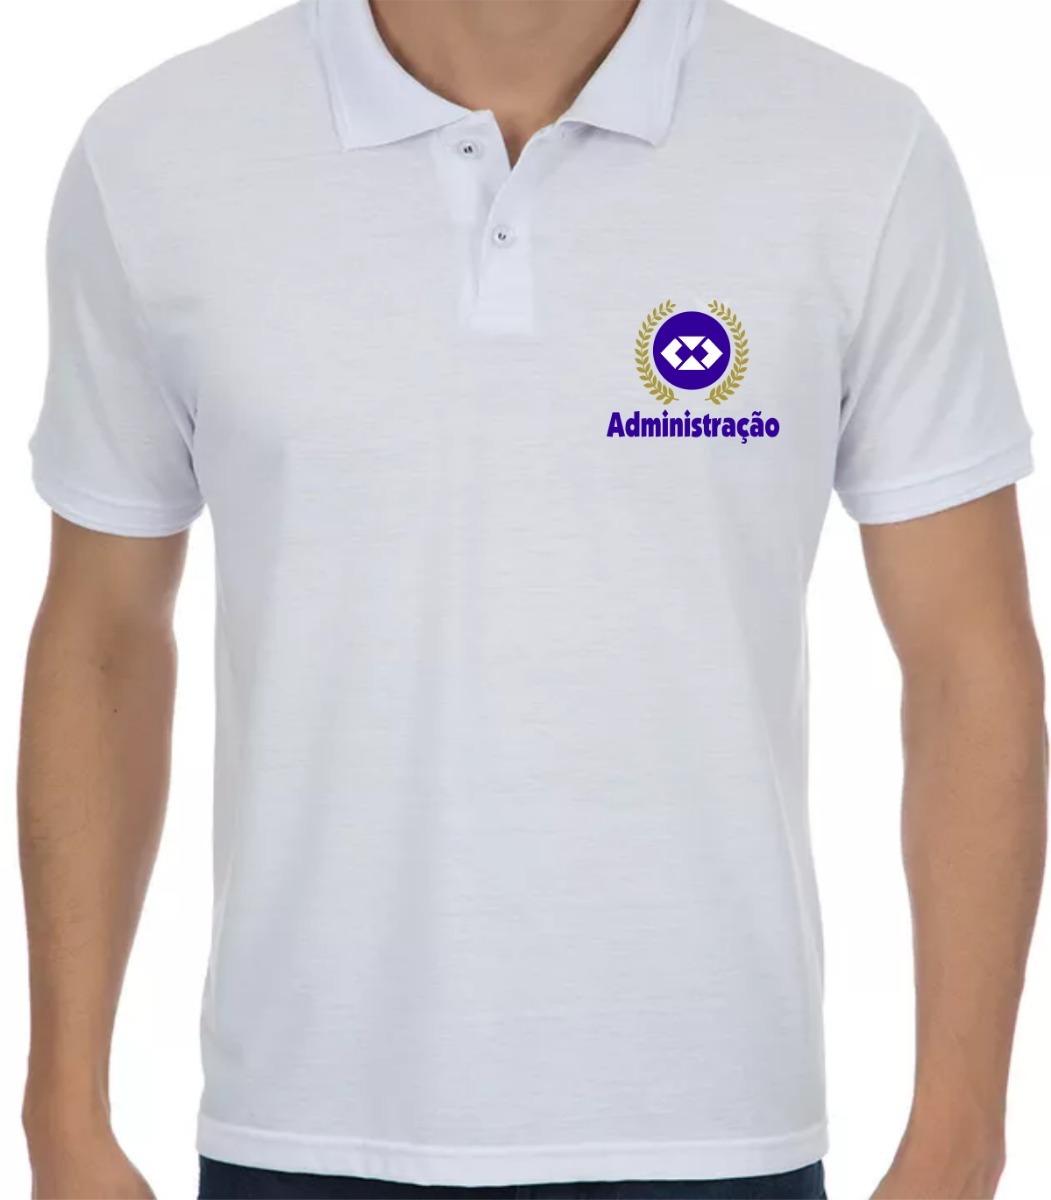 7d6b5a7388 camisa polo administração - logo curso adm. Carregando zoom.